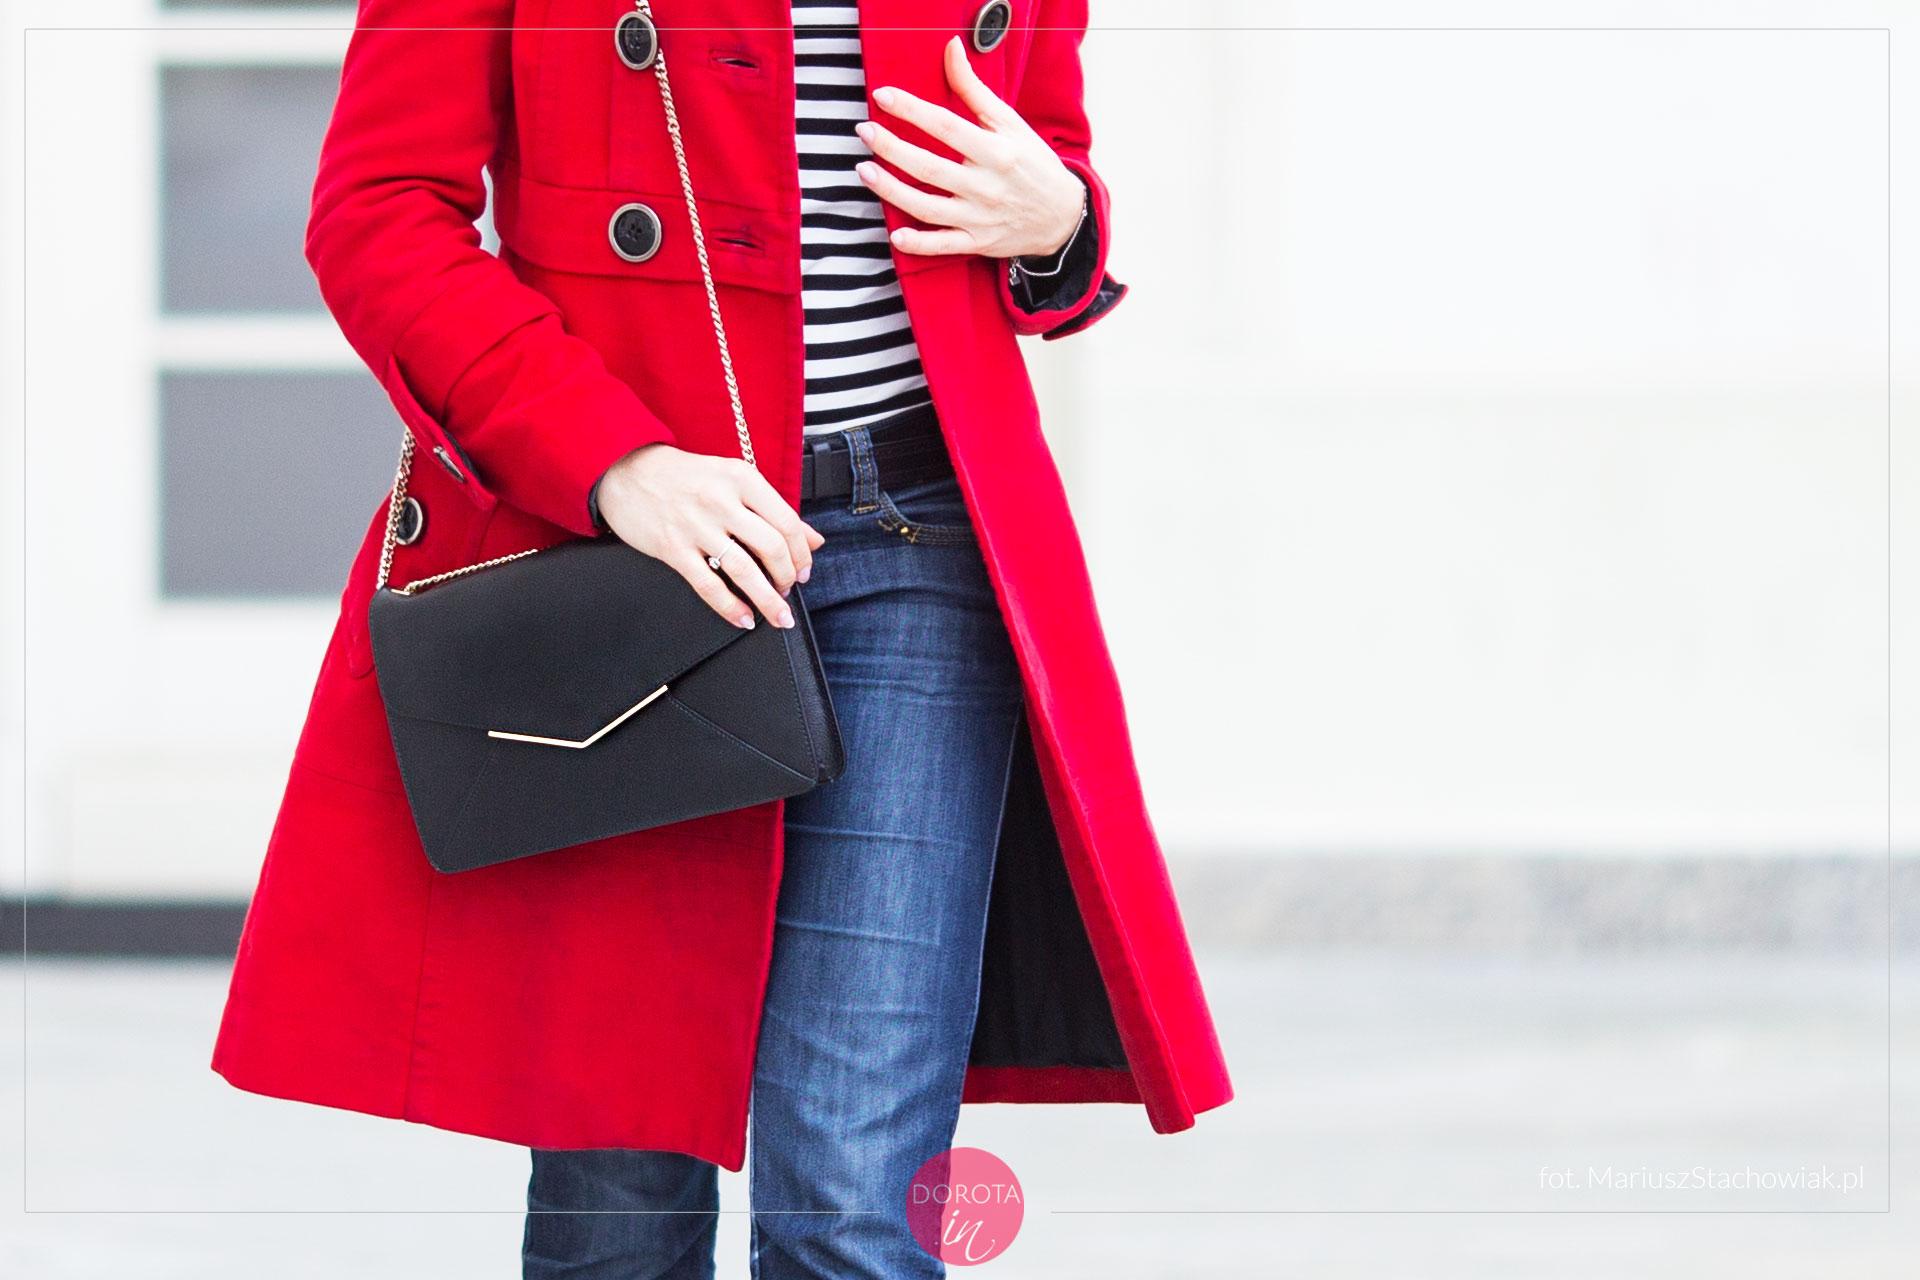 Czerwony płaszcz z czarną torebką na łańcuszku